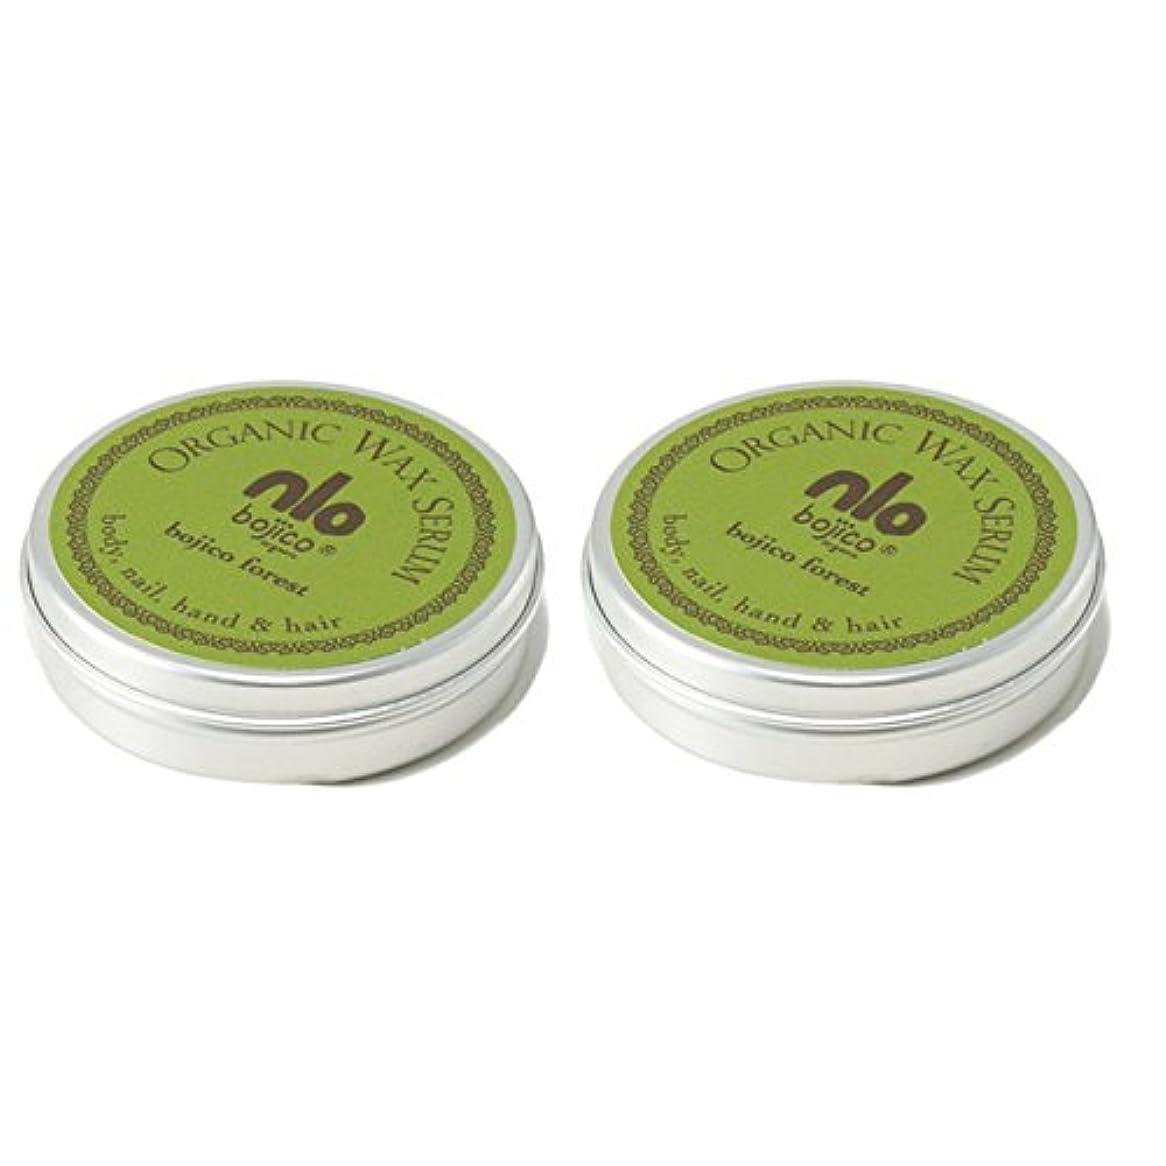 泥沼分割注釈【40g×2個セット】 ボジコ オーガニック ワックス セラム <フォレスト> bojico Organic Wax Serum 40g×2